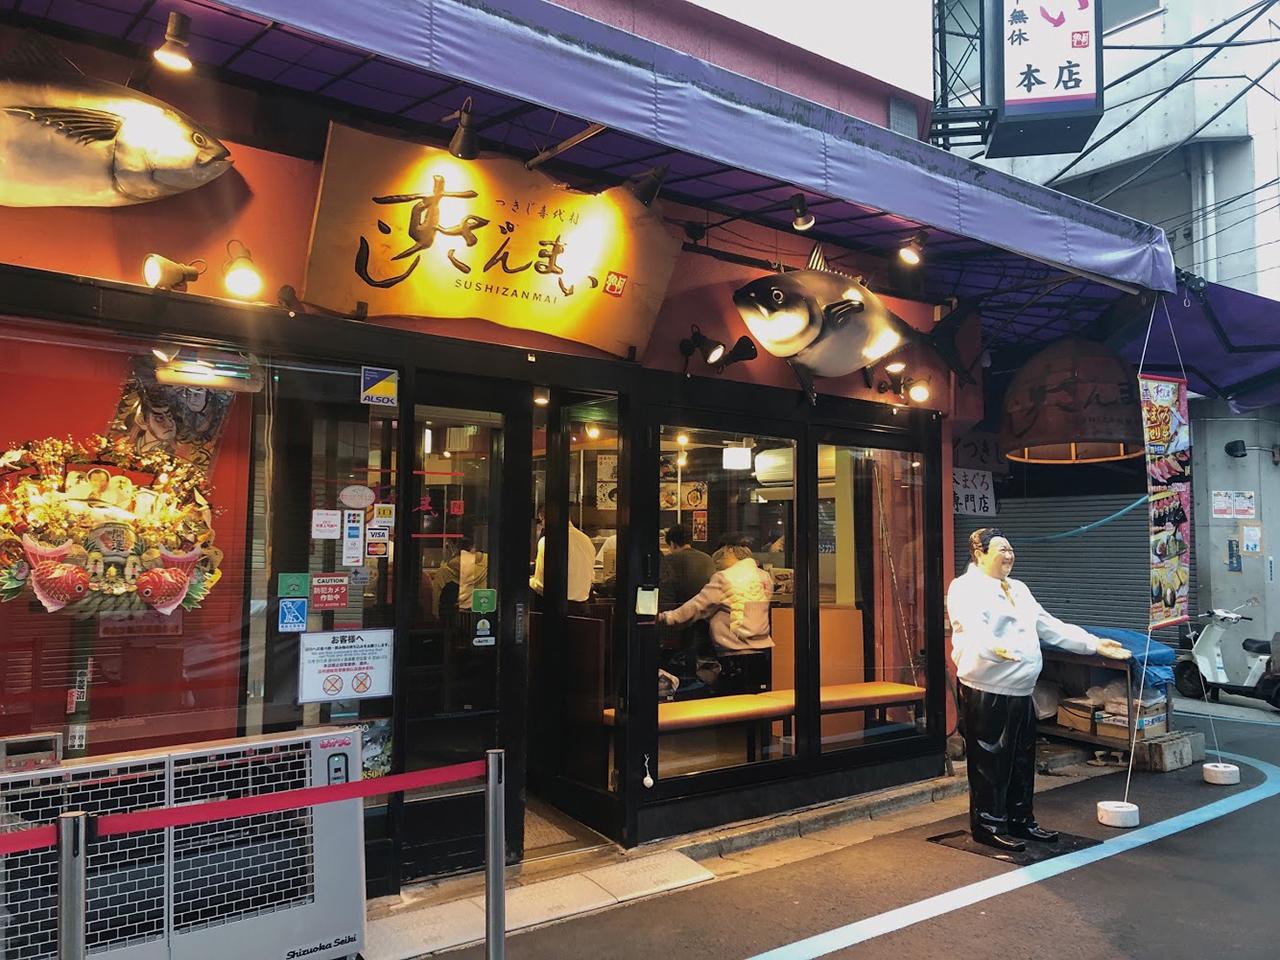 ซูชิ ถูกและดี ที่ร้าน Sushi Zanmai Honten ย่าน Tsukiji จ.โตเกียว